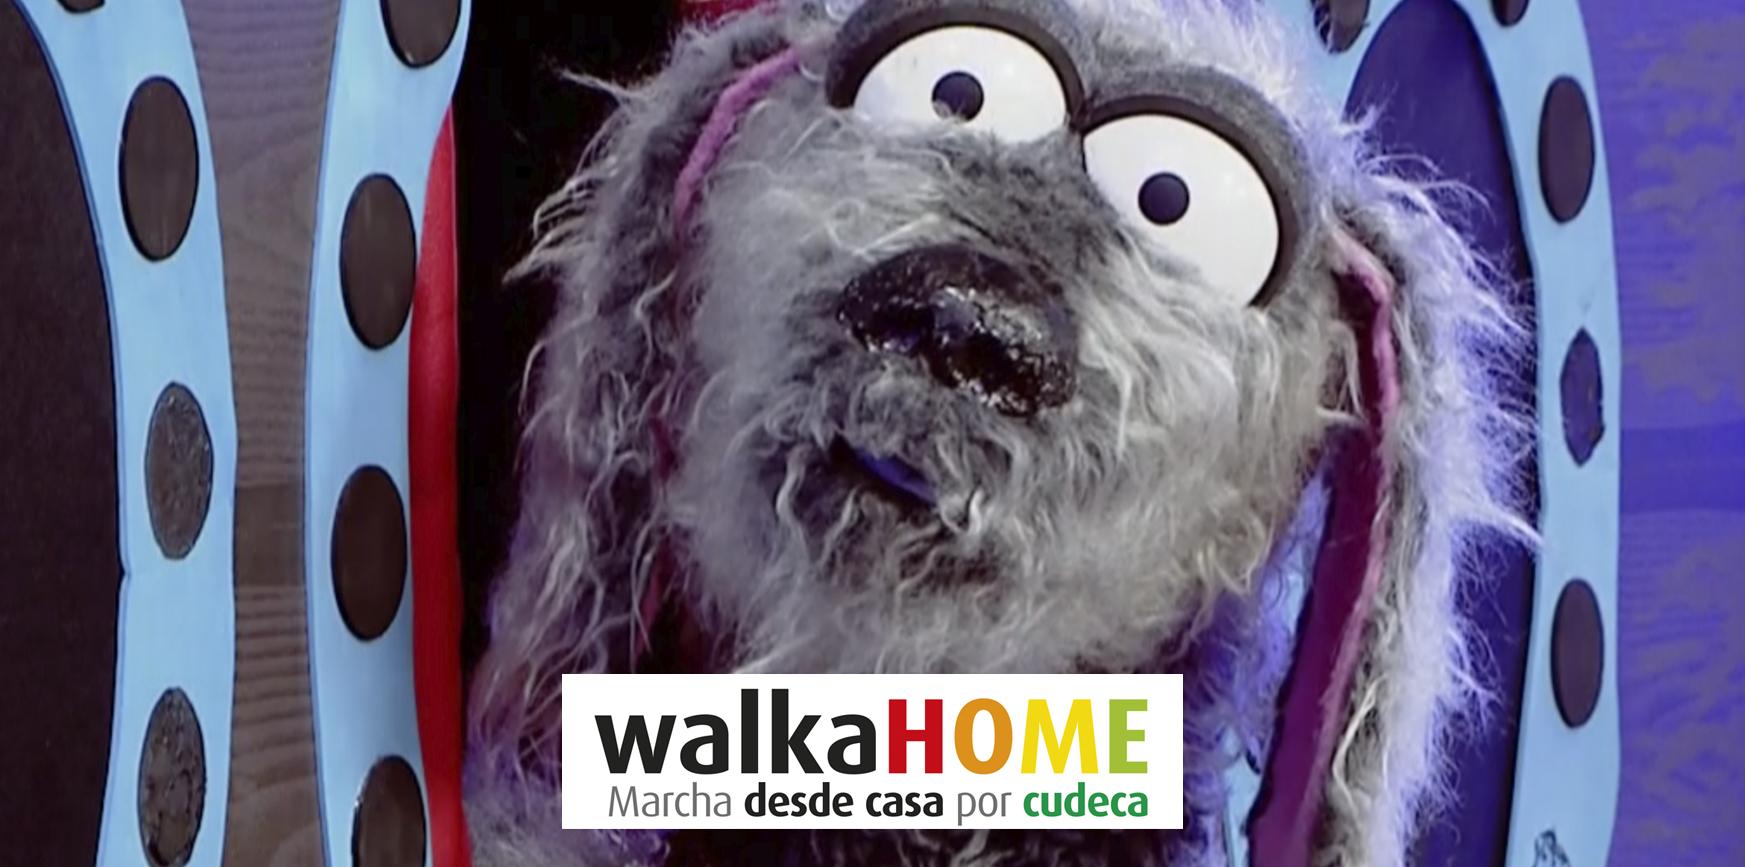 Más de 1.100 personas participaron el domingo en la marcha solidaria de Cudeca 'Walkahome'